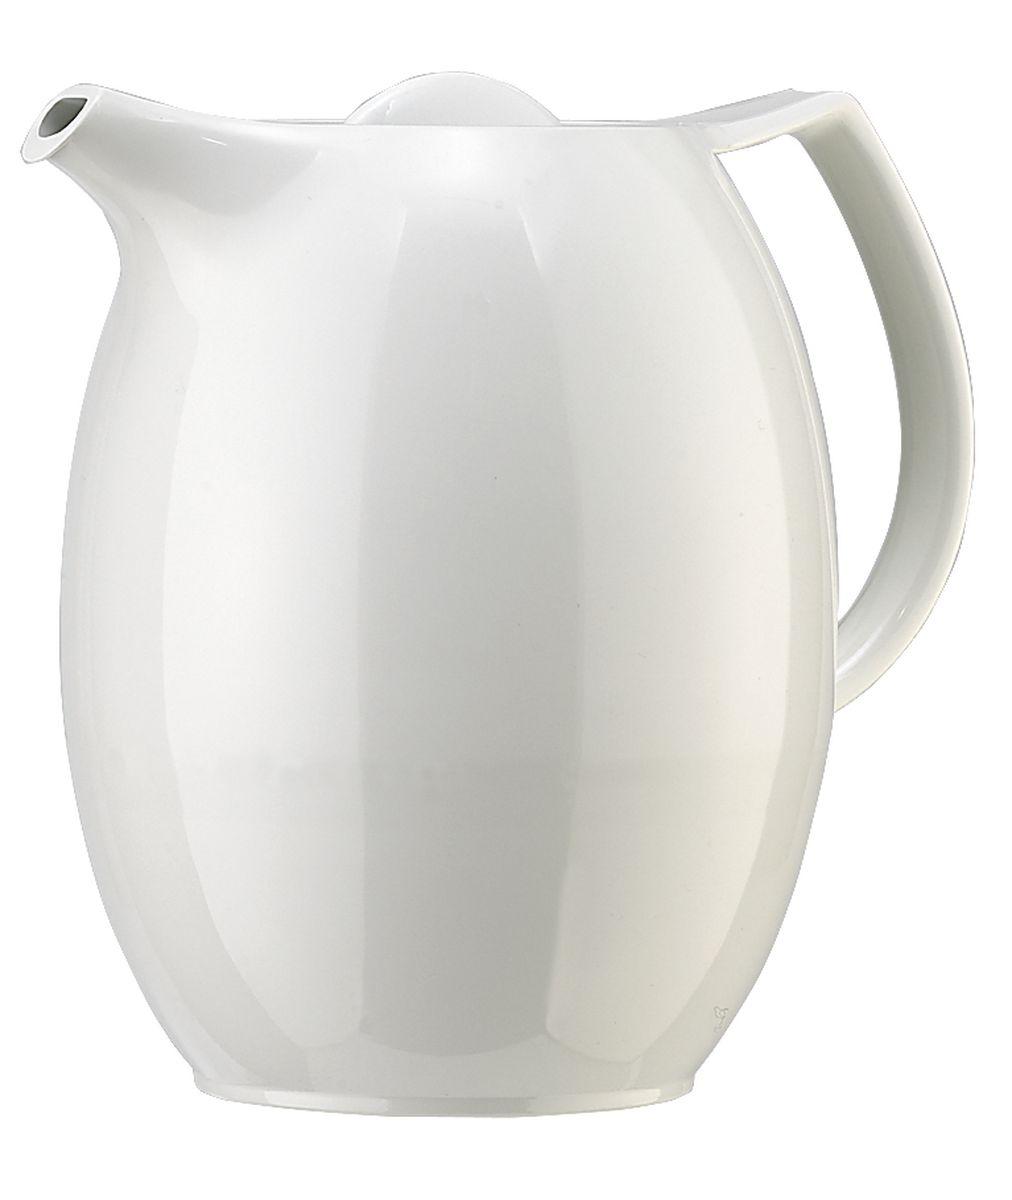 Термос-чайник Emsa Ellipse, с ситечком, цвет: белый, 1 л. 503692503692Удобный термос-чайник Emsa Ellipse прекрасно подходит для заваривания чая и различных травяных настоев. Корпус изделия выполнен из высококачественного белого пластика под фарфор, а внутренняя колба - из стекла. Изделие оснащено удобным носиком, который поможет аккуратно разлить содержимое по стаканам, а также ручкой эргономичной формы. Термочайник позволит легко и быстро заварить насыщенный и ароматный чай, а ситечко для заварки не даст попасть в напиток листочкам и кусочкам фруктов. Поворотная крышка быстро, легко и герметично закрывается, сохраняя температуру напитку. Объем чайника: 1 литр.